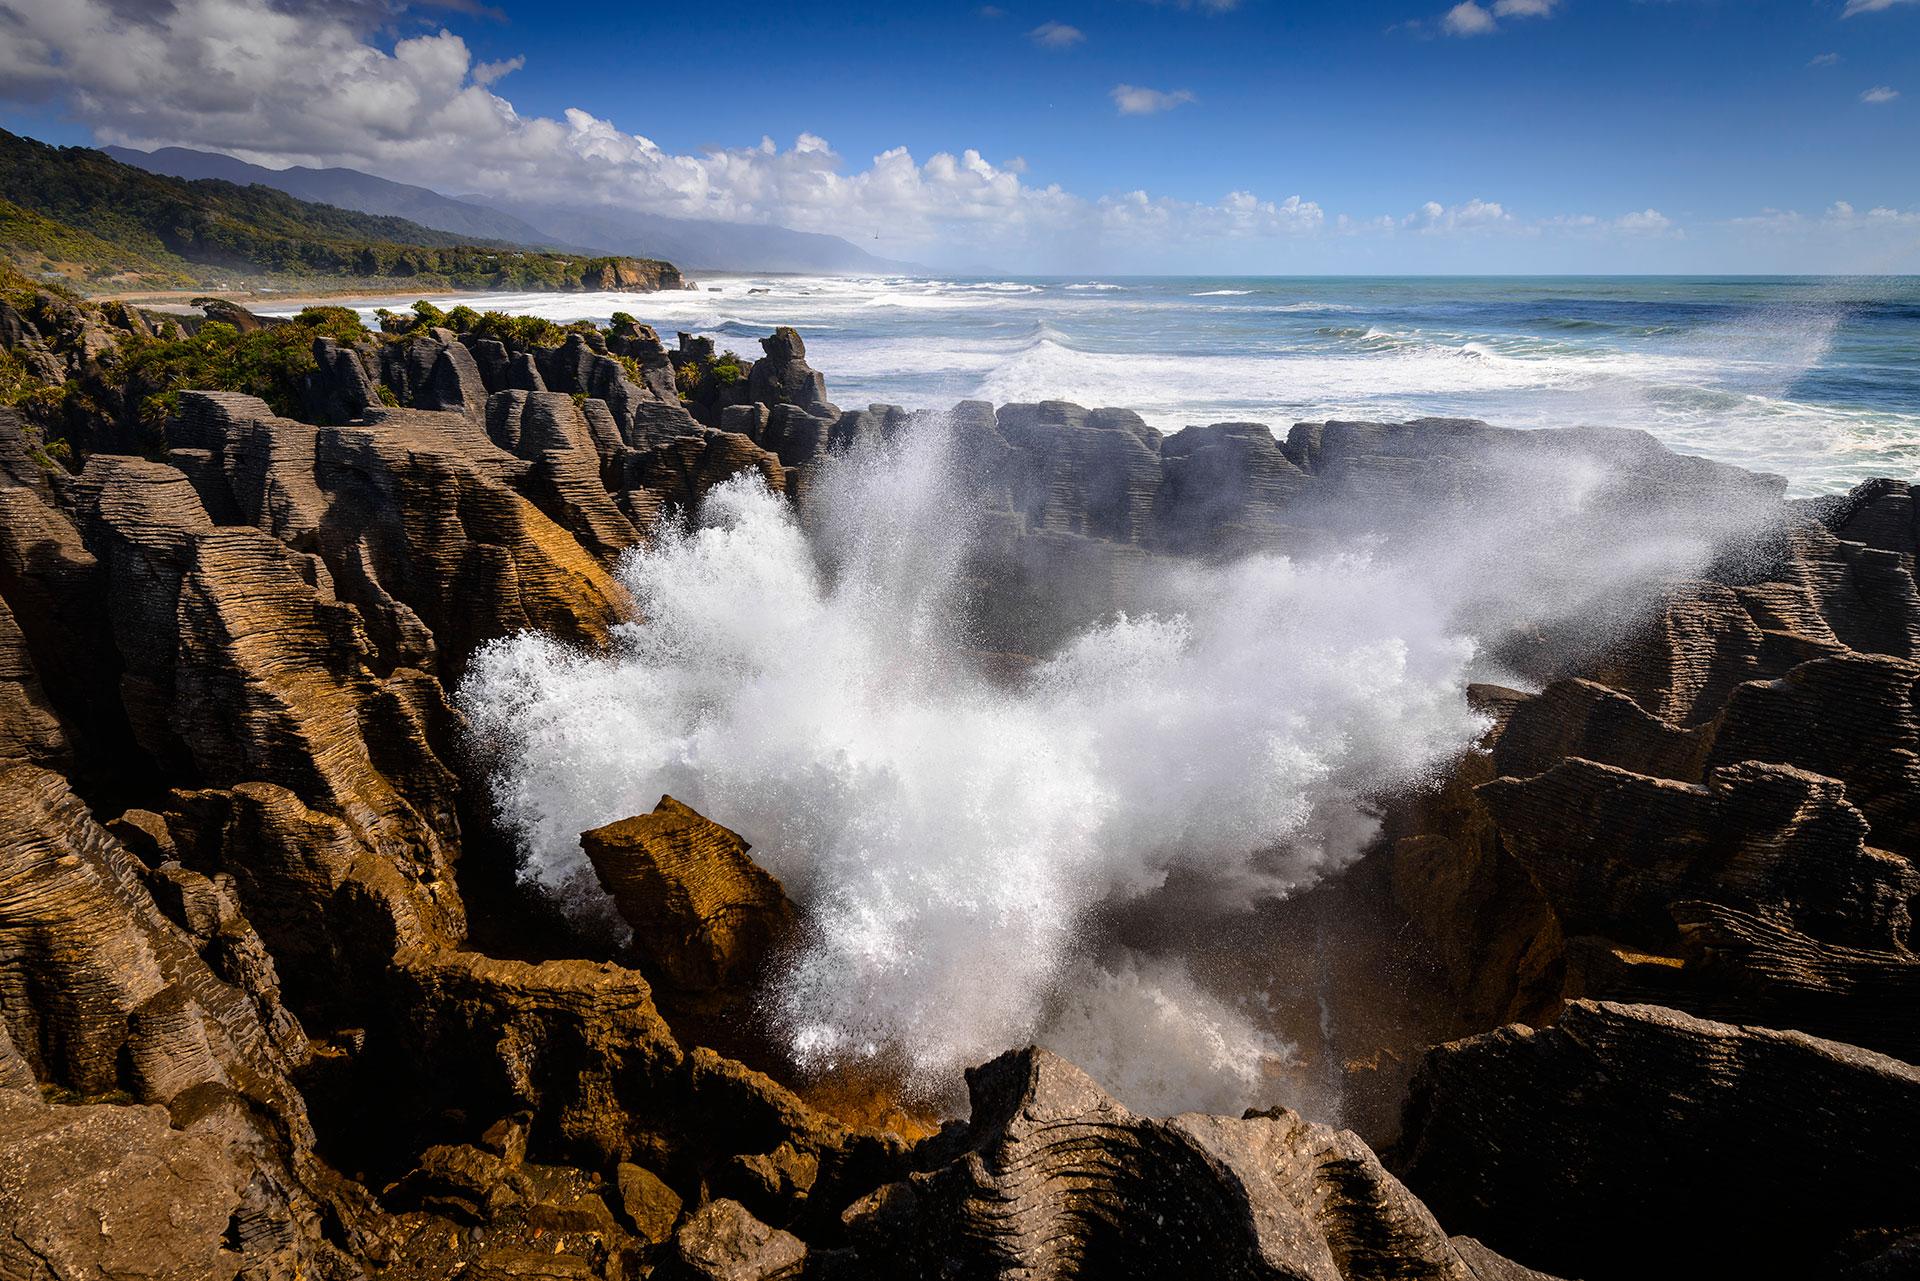 In Neuseeland auf der Südinsel findet man die Blowhole an der Felsformation der Pancake Rocks